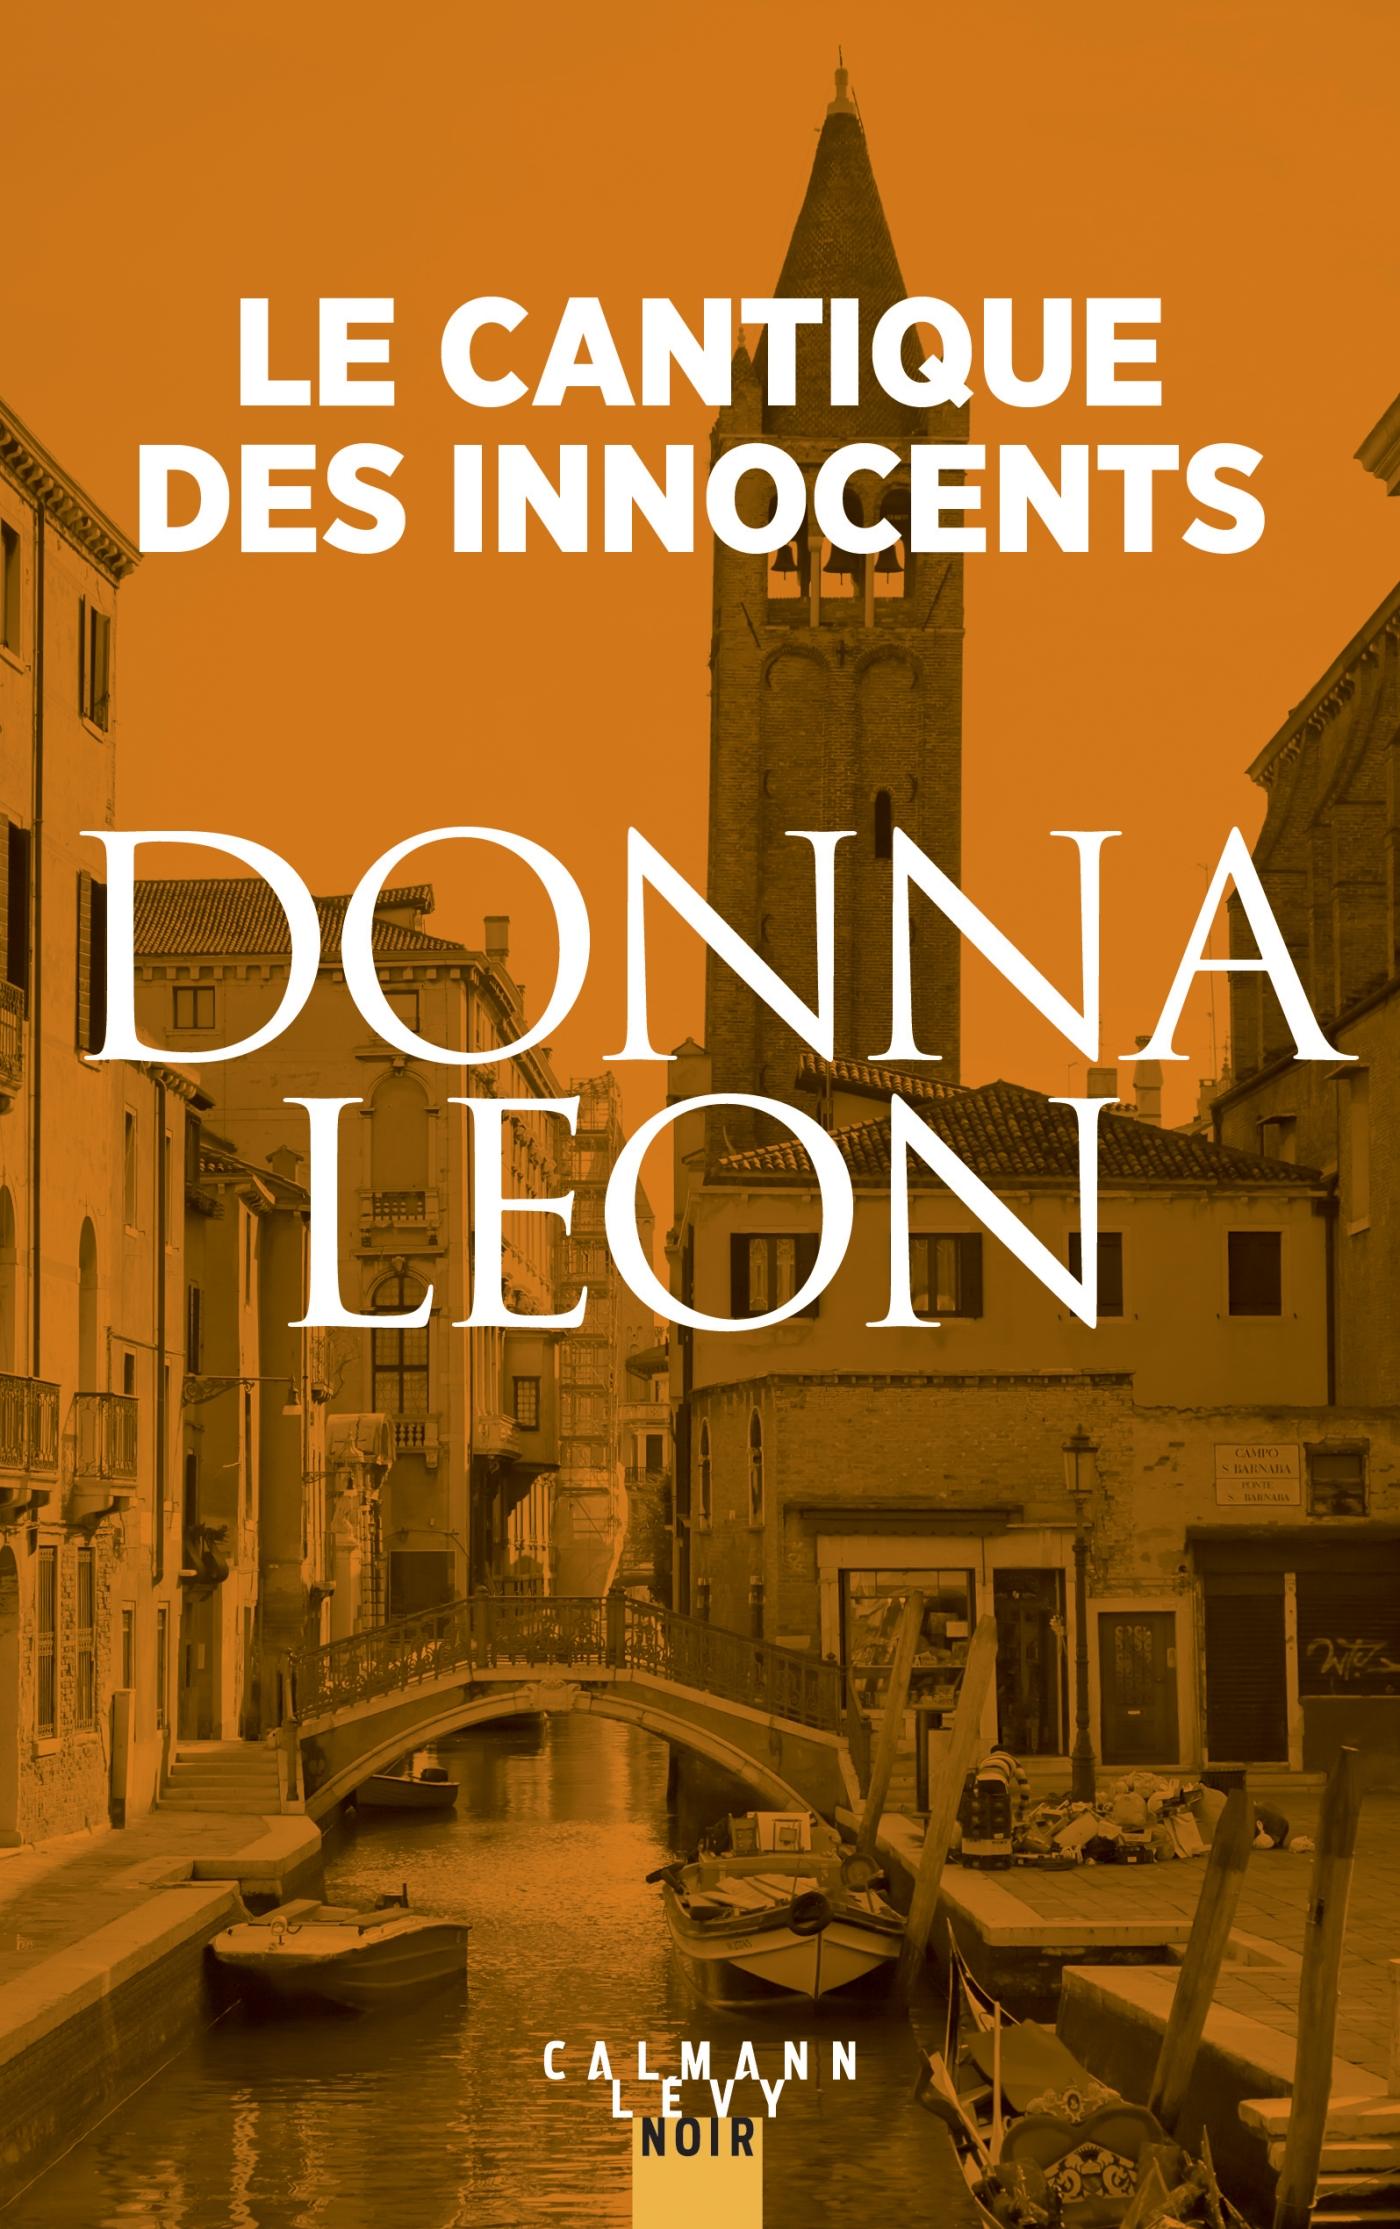 Le Cantique des innocents